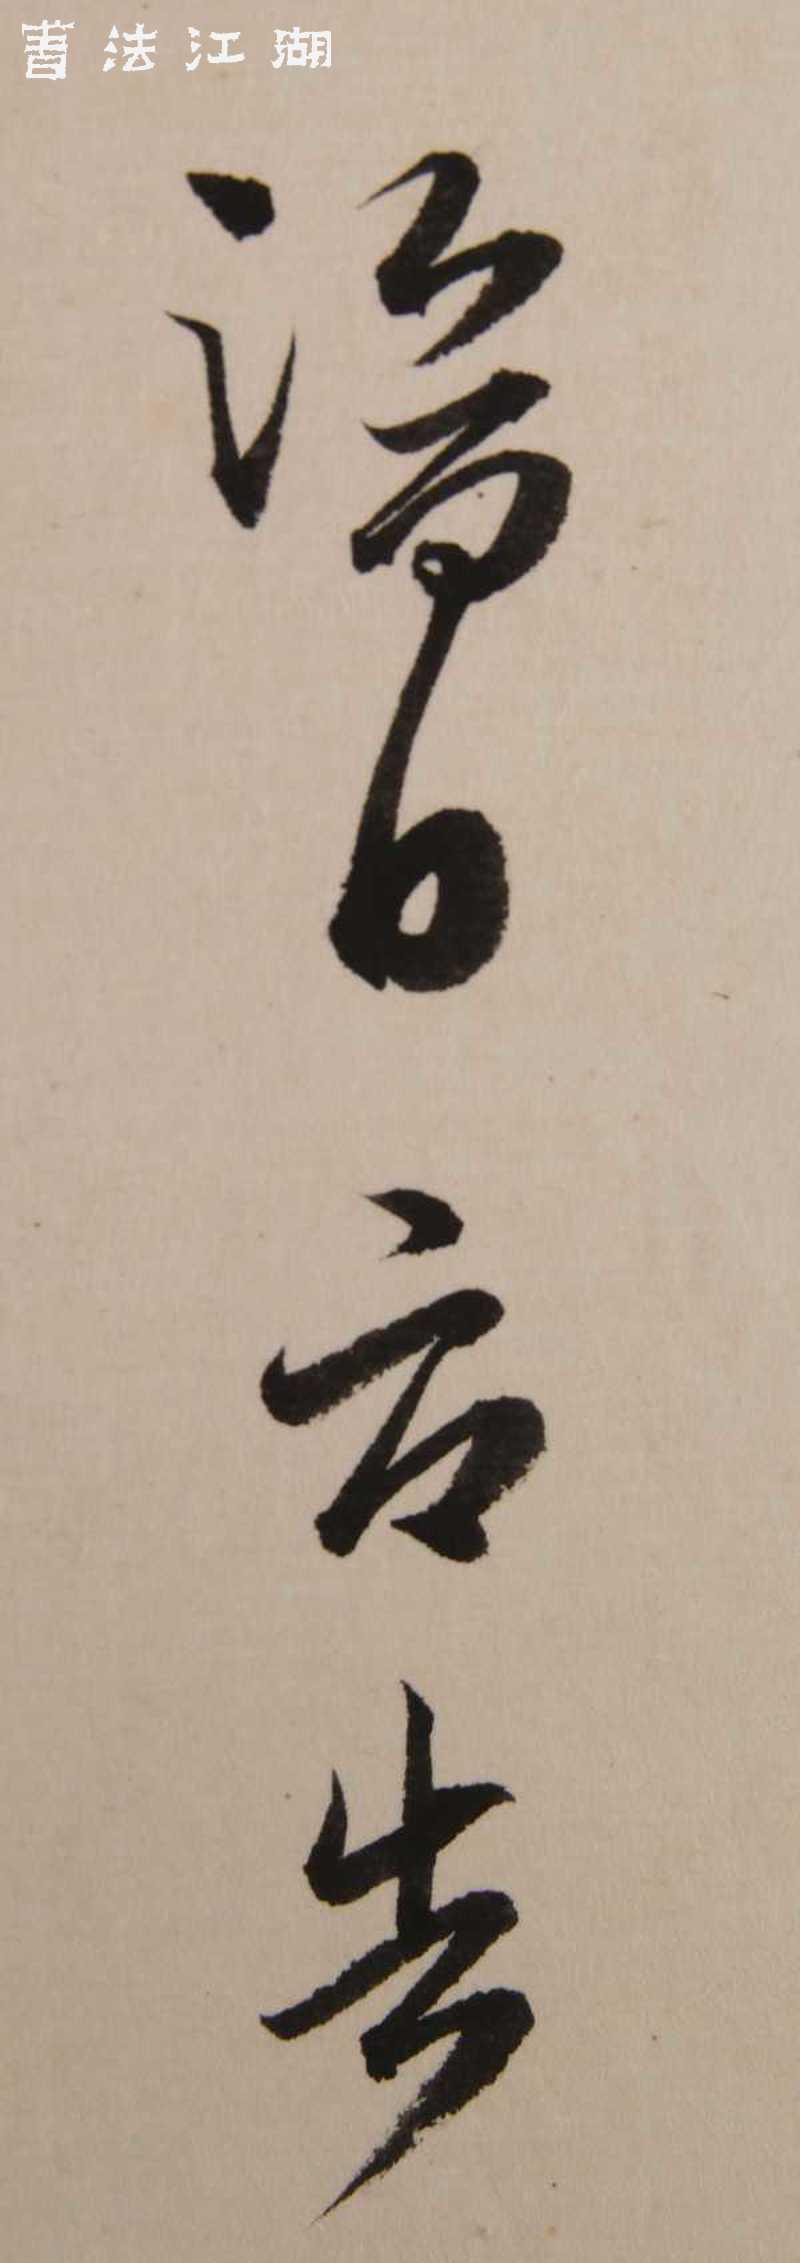 罗纹1.jpg